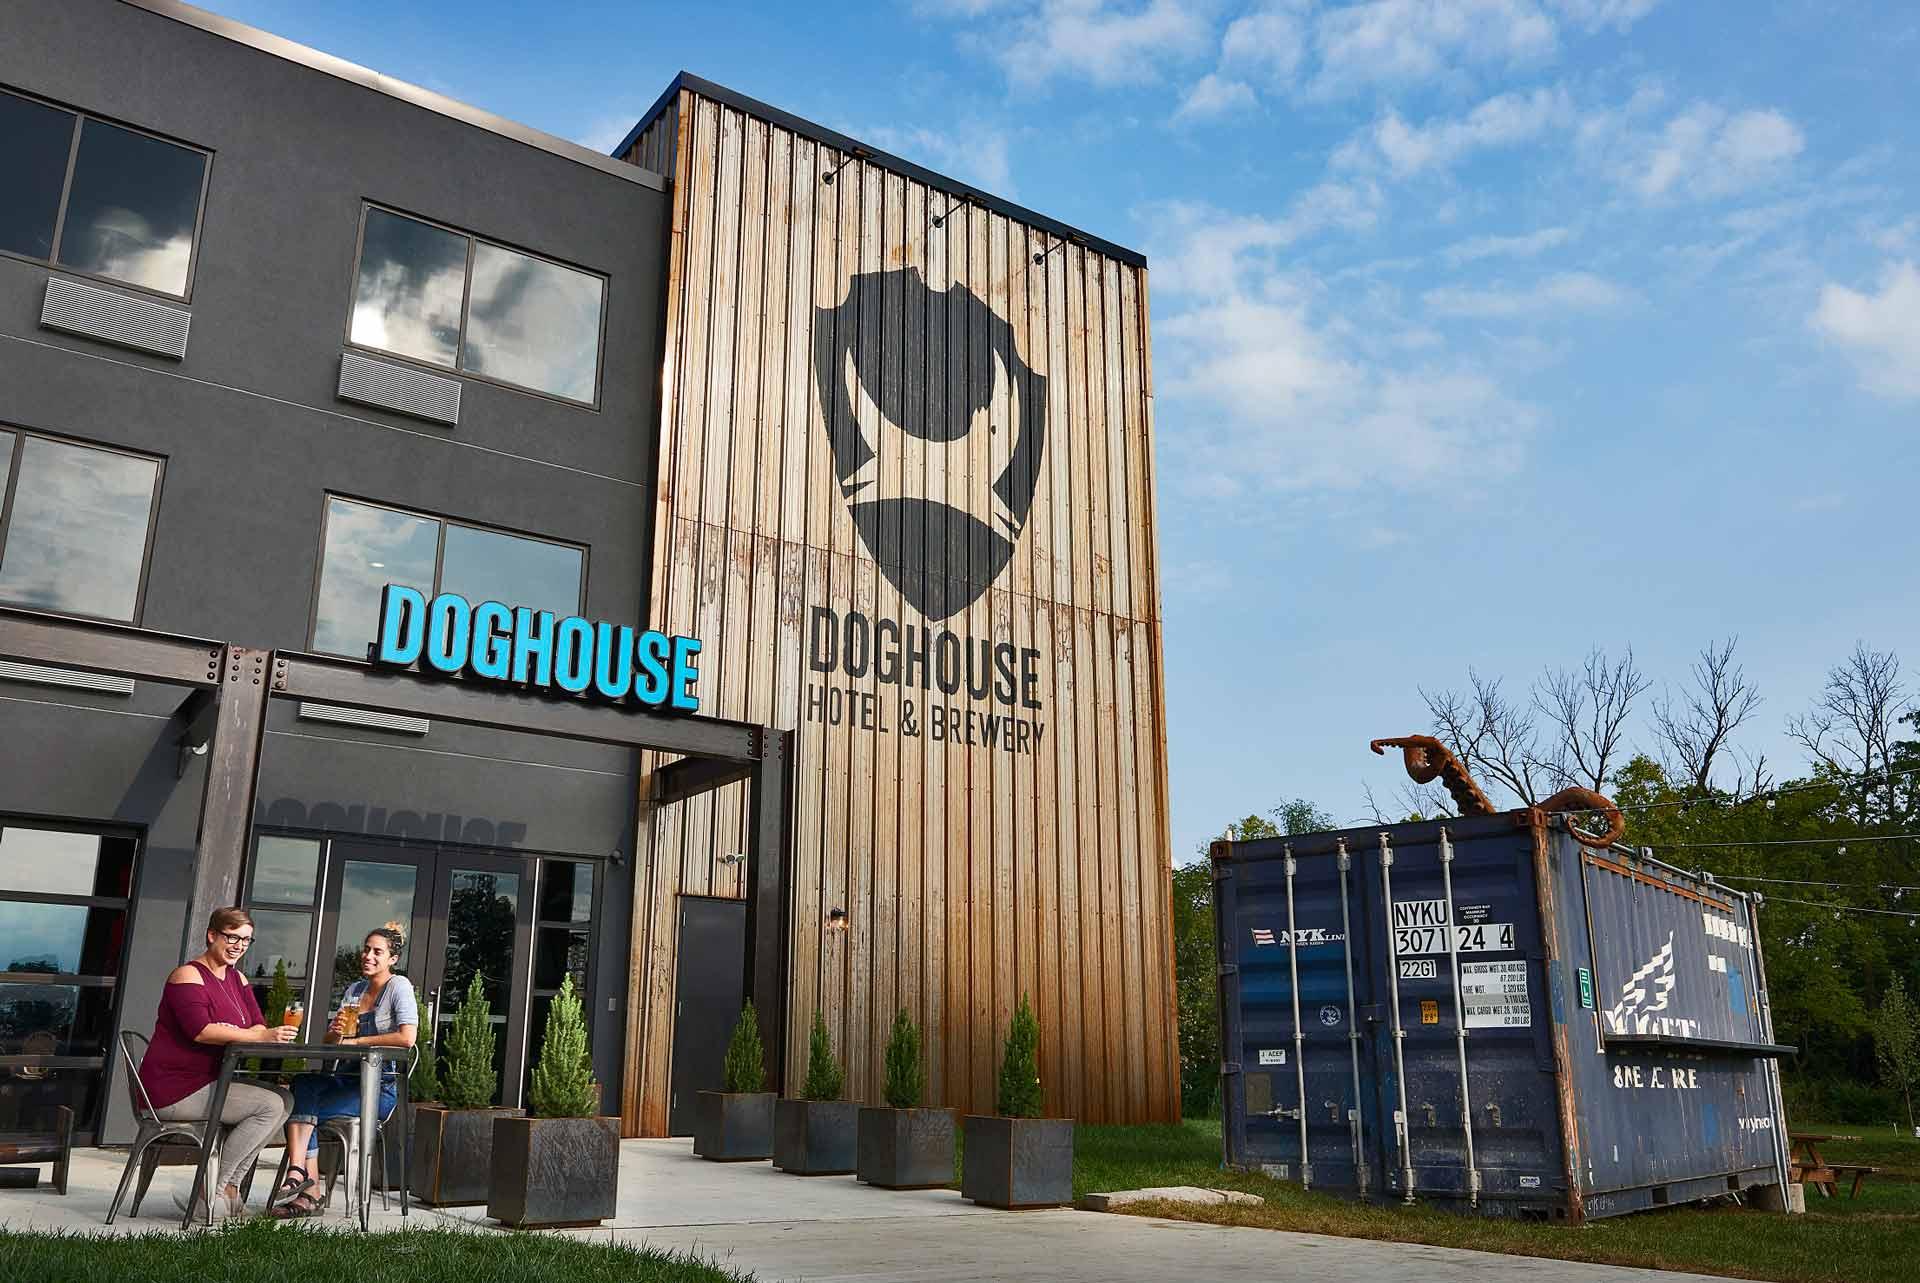 DogHouse, el hotel de BrewDog en EEUU, abre sus puertas – Loopulo